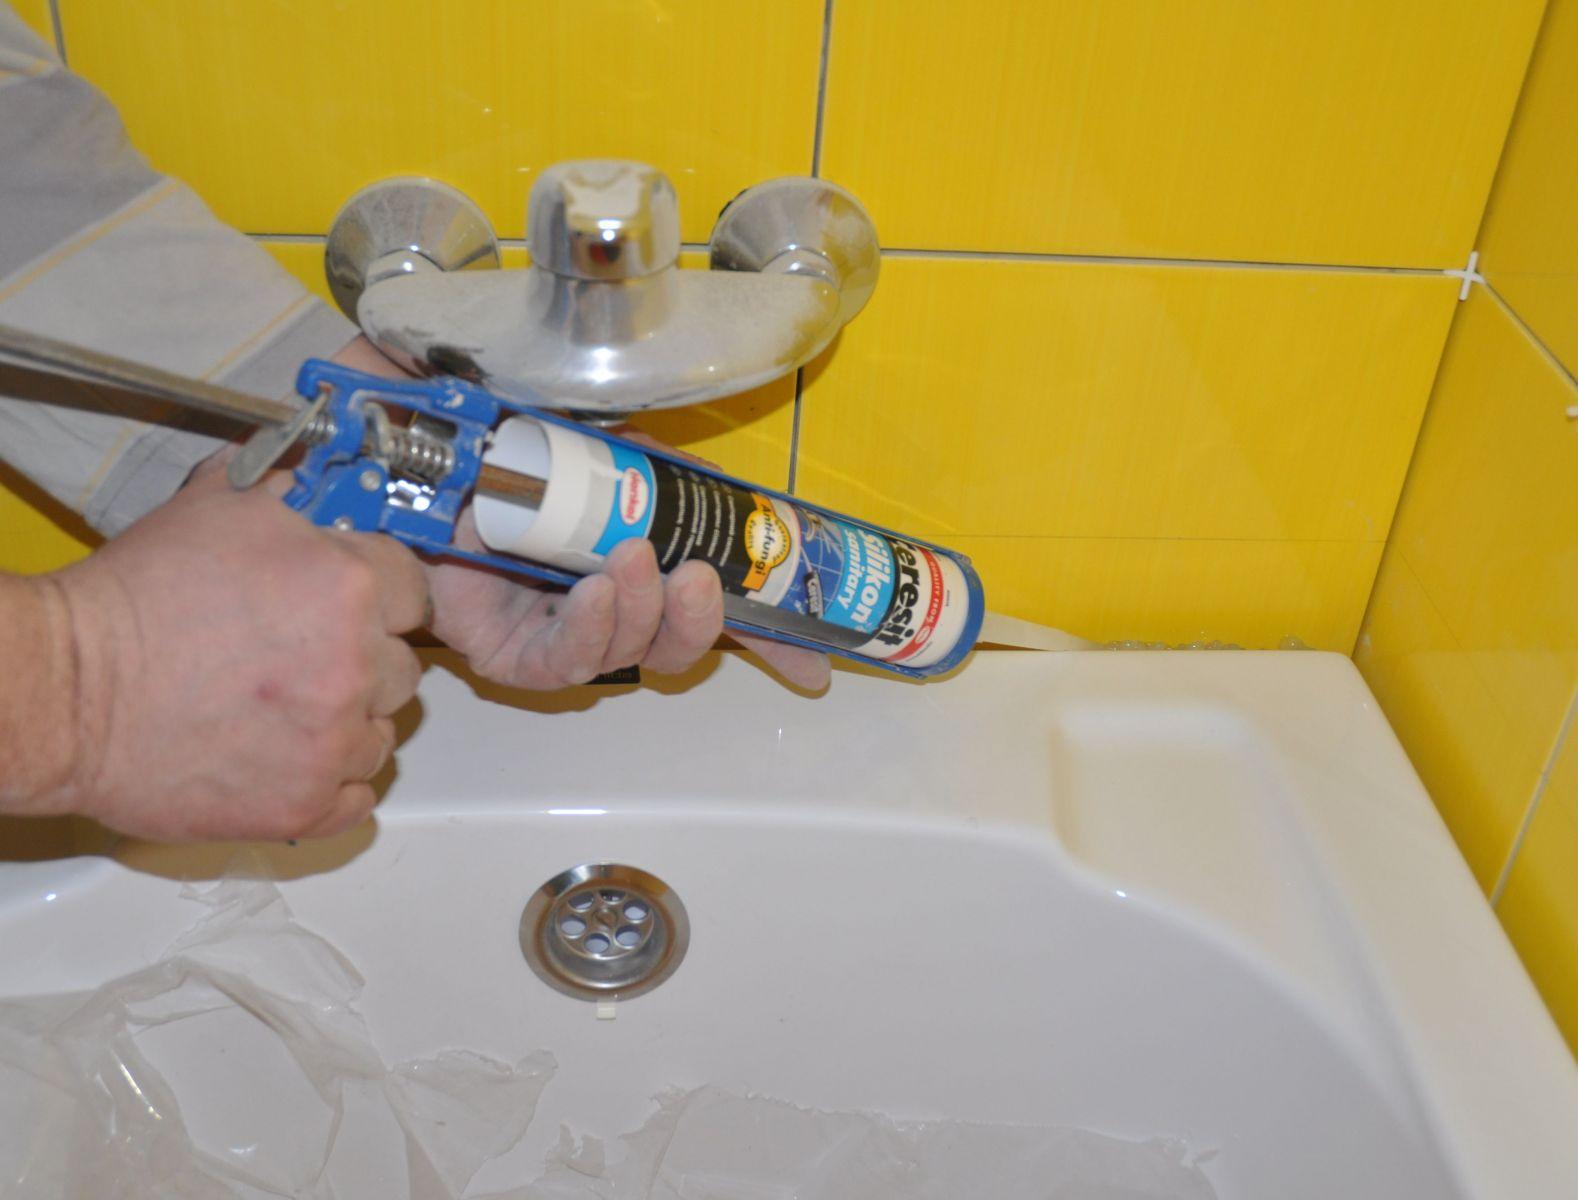 Afdichtingsmiddel Voor De Badkamer Wat Is Beter Siliconen Of Acrylverf Waterbestendige En Vochtbestendige Lijm Voor Een Douchecabine Die Niet Zwart Wordt